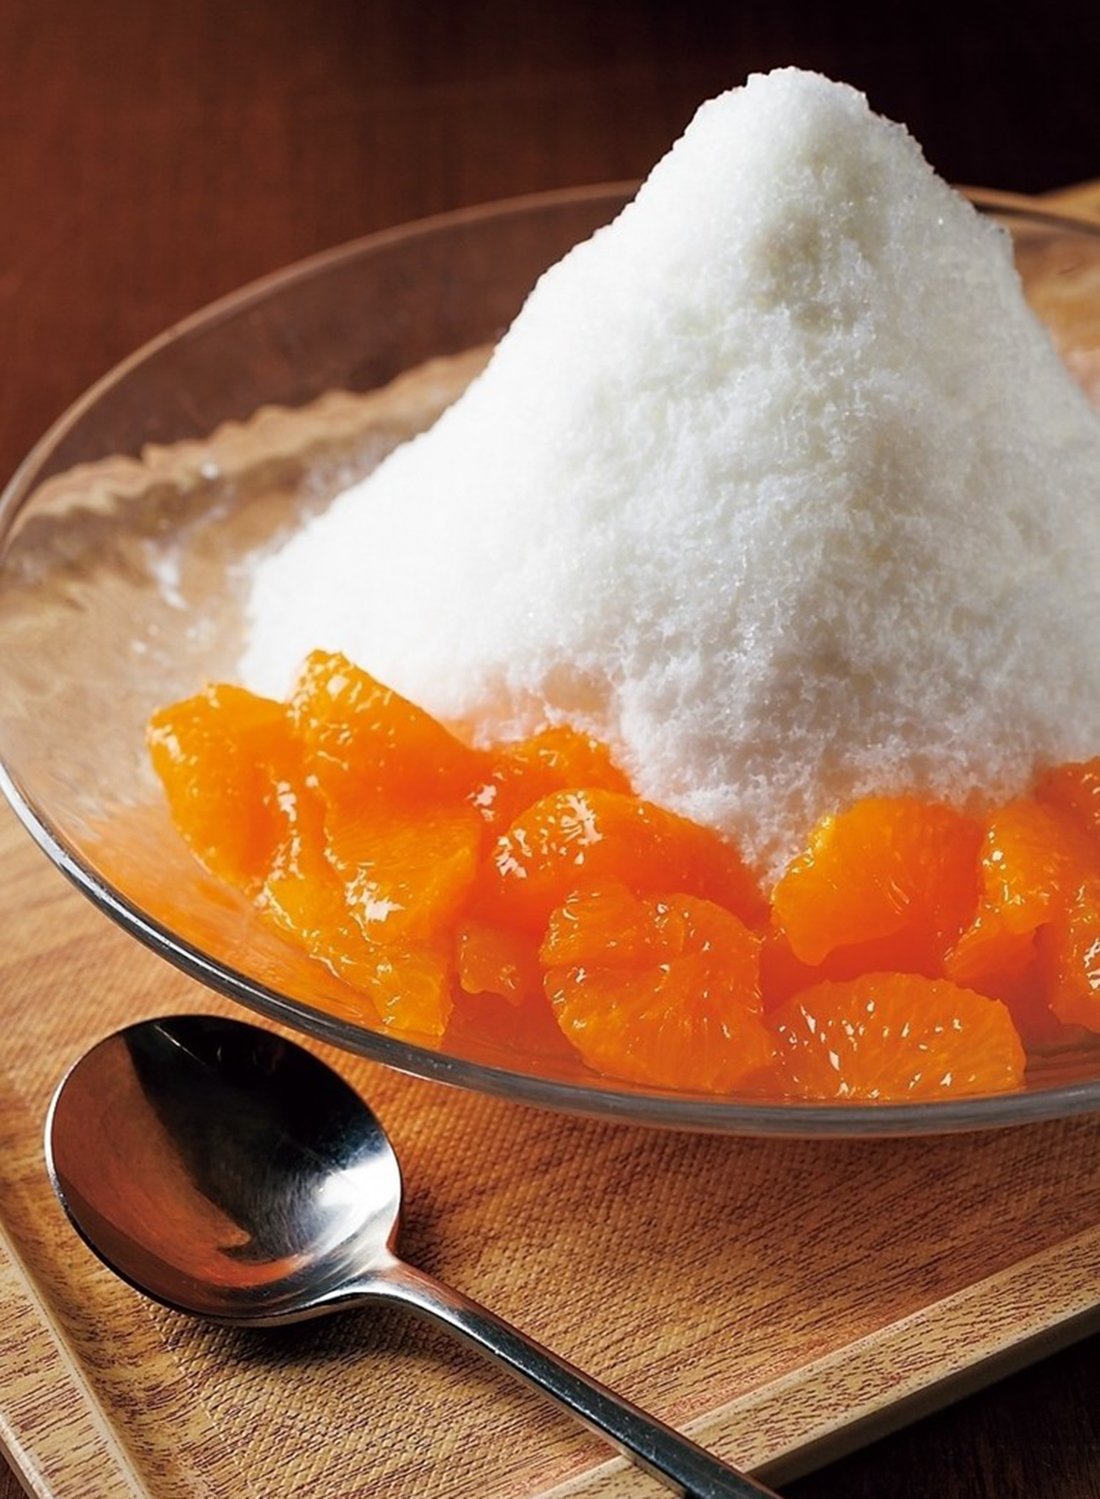 デザートは旬の果物を使ったかき氷。